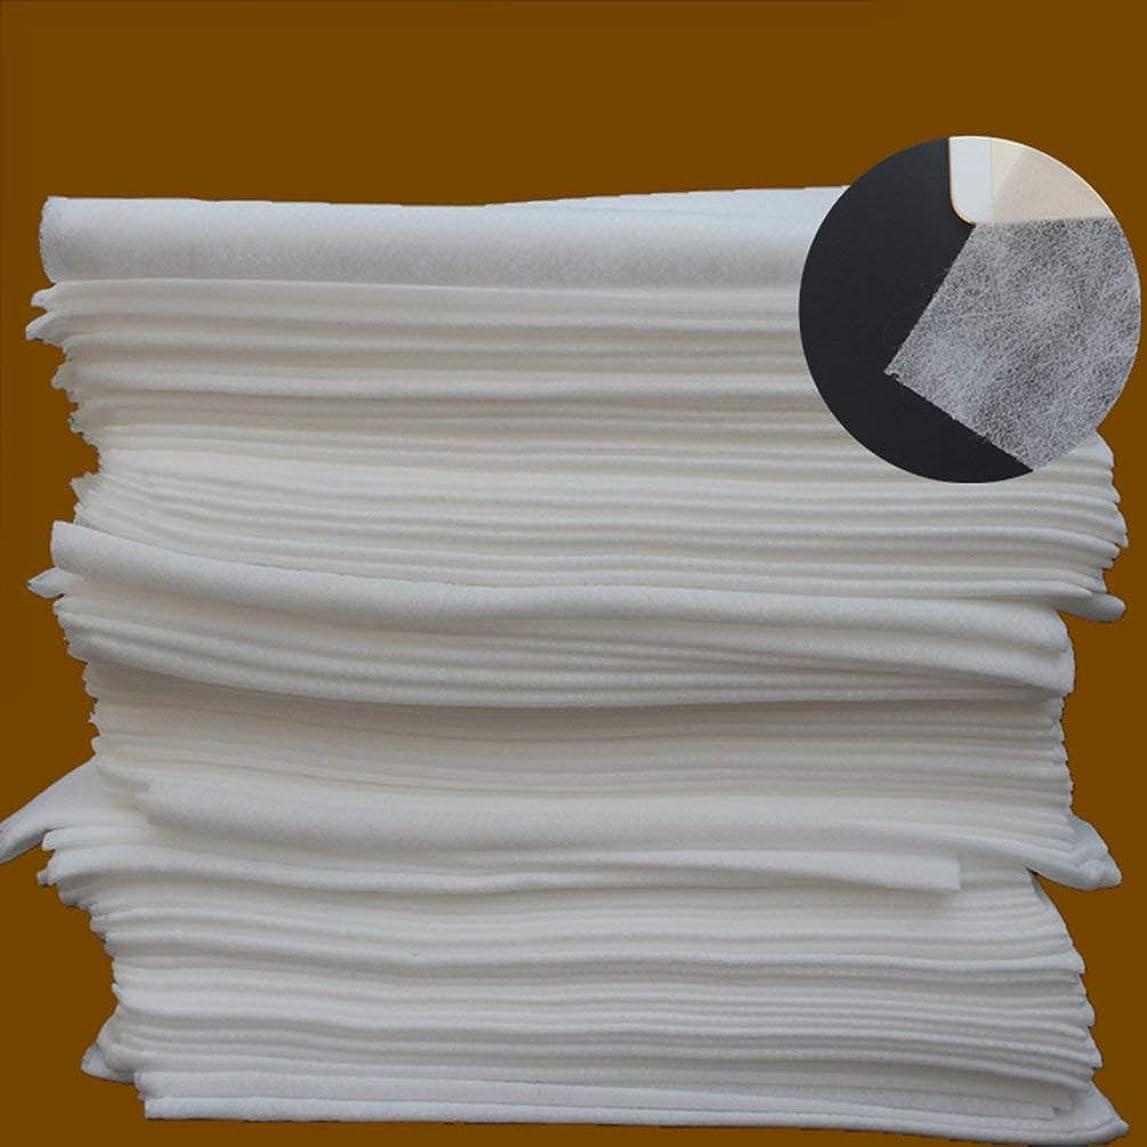 厚い目を覚ます大混乱旅行スパサロンワックスマッサージトリートメント用ホワイト10個使い捨てベッドシーツ - ホワイト